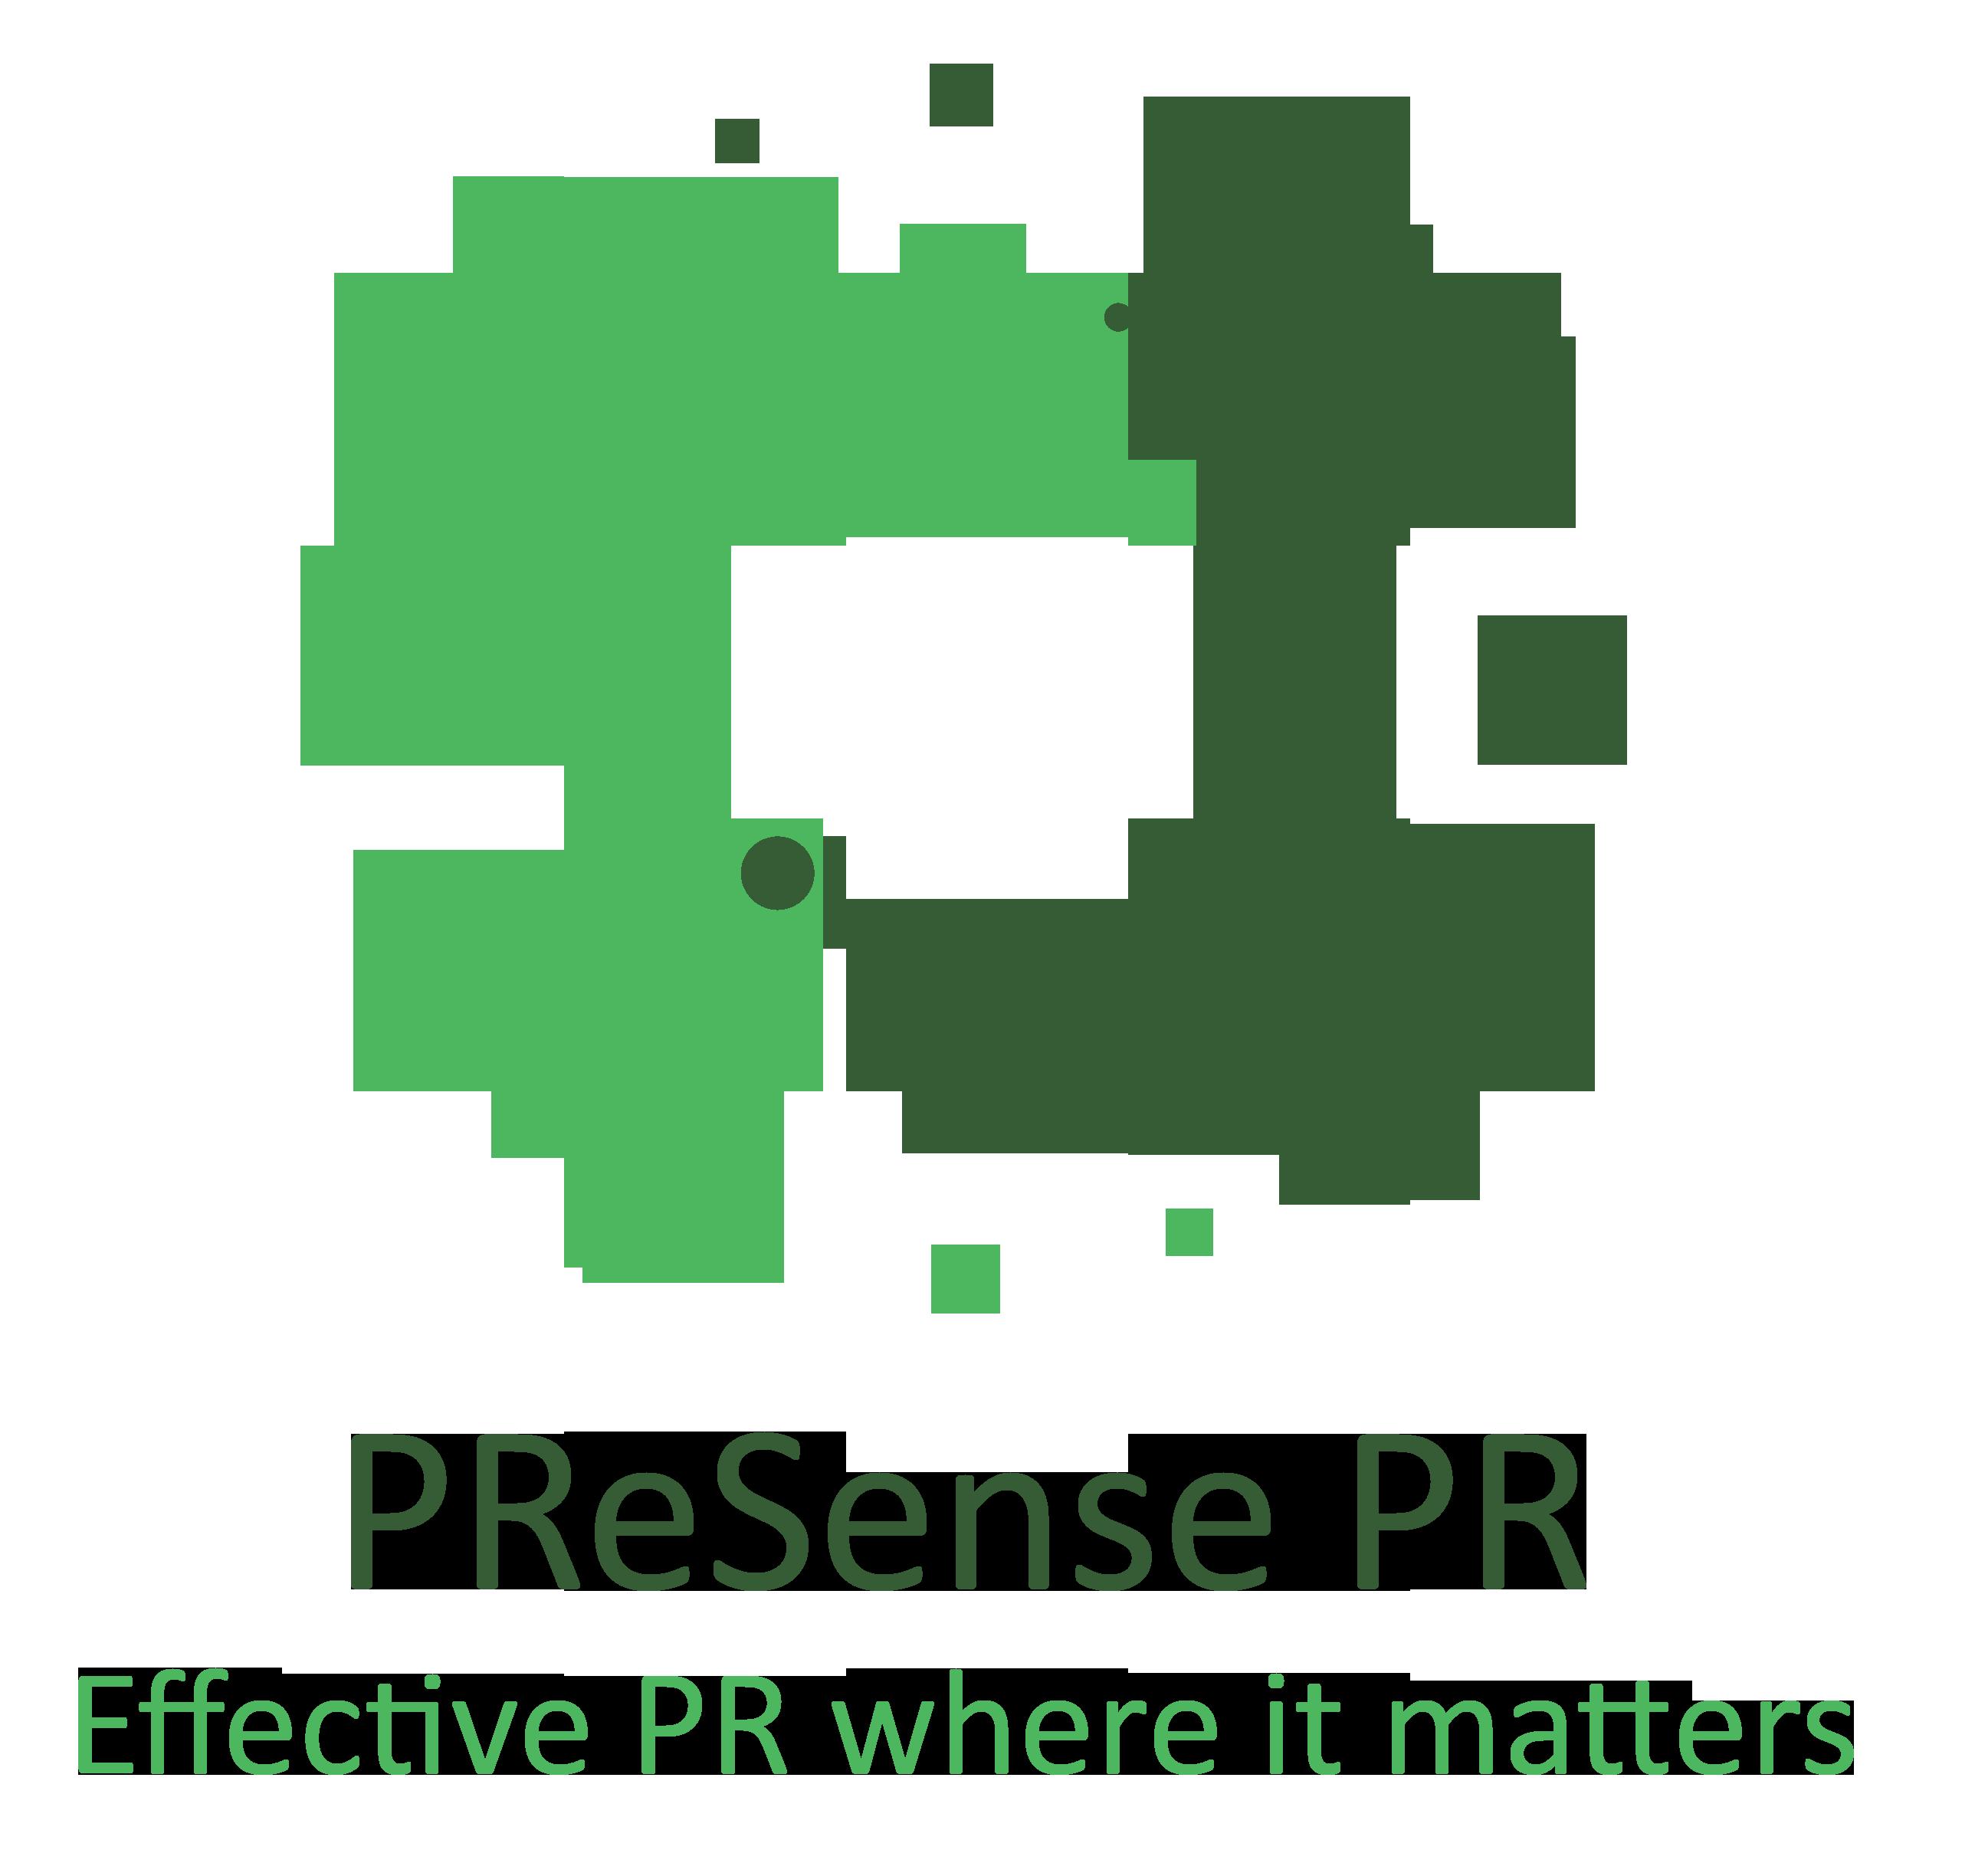 PReSense PR